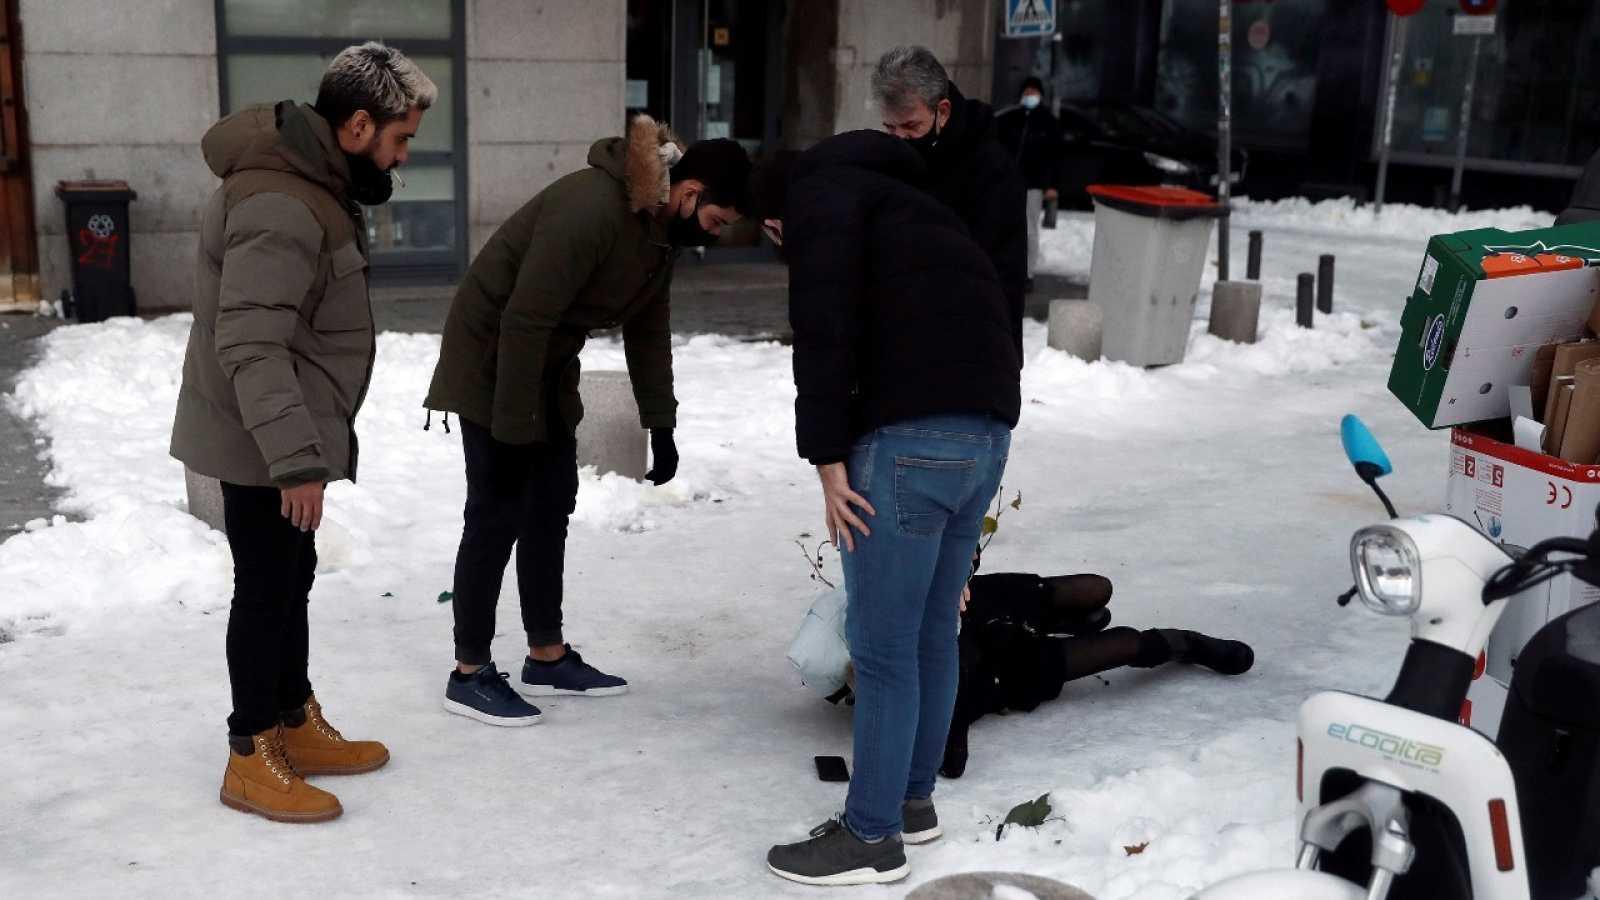 Varias personas asisten a una persona que ha sufrido una caída por el hielo sobre la calzada en Madrid, este miércoles.